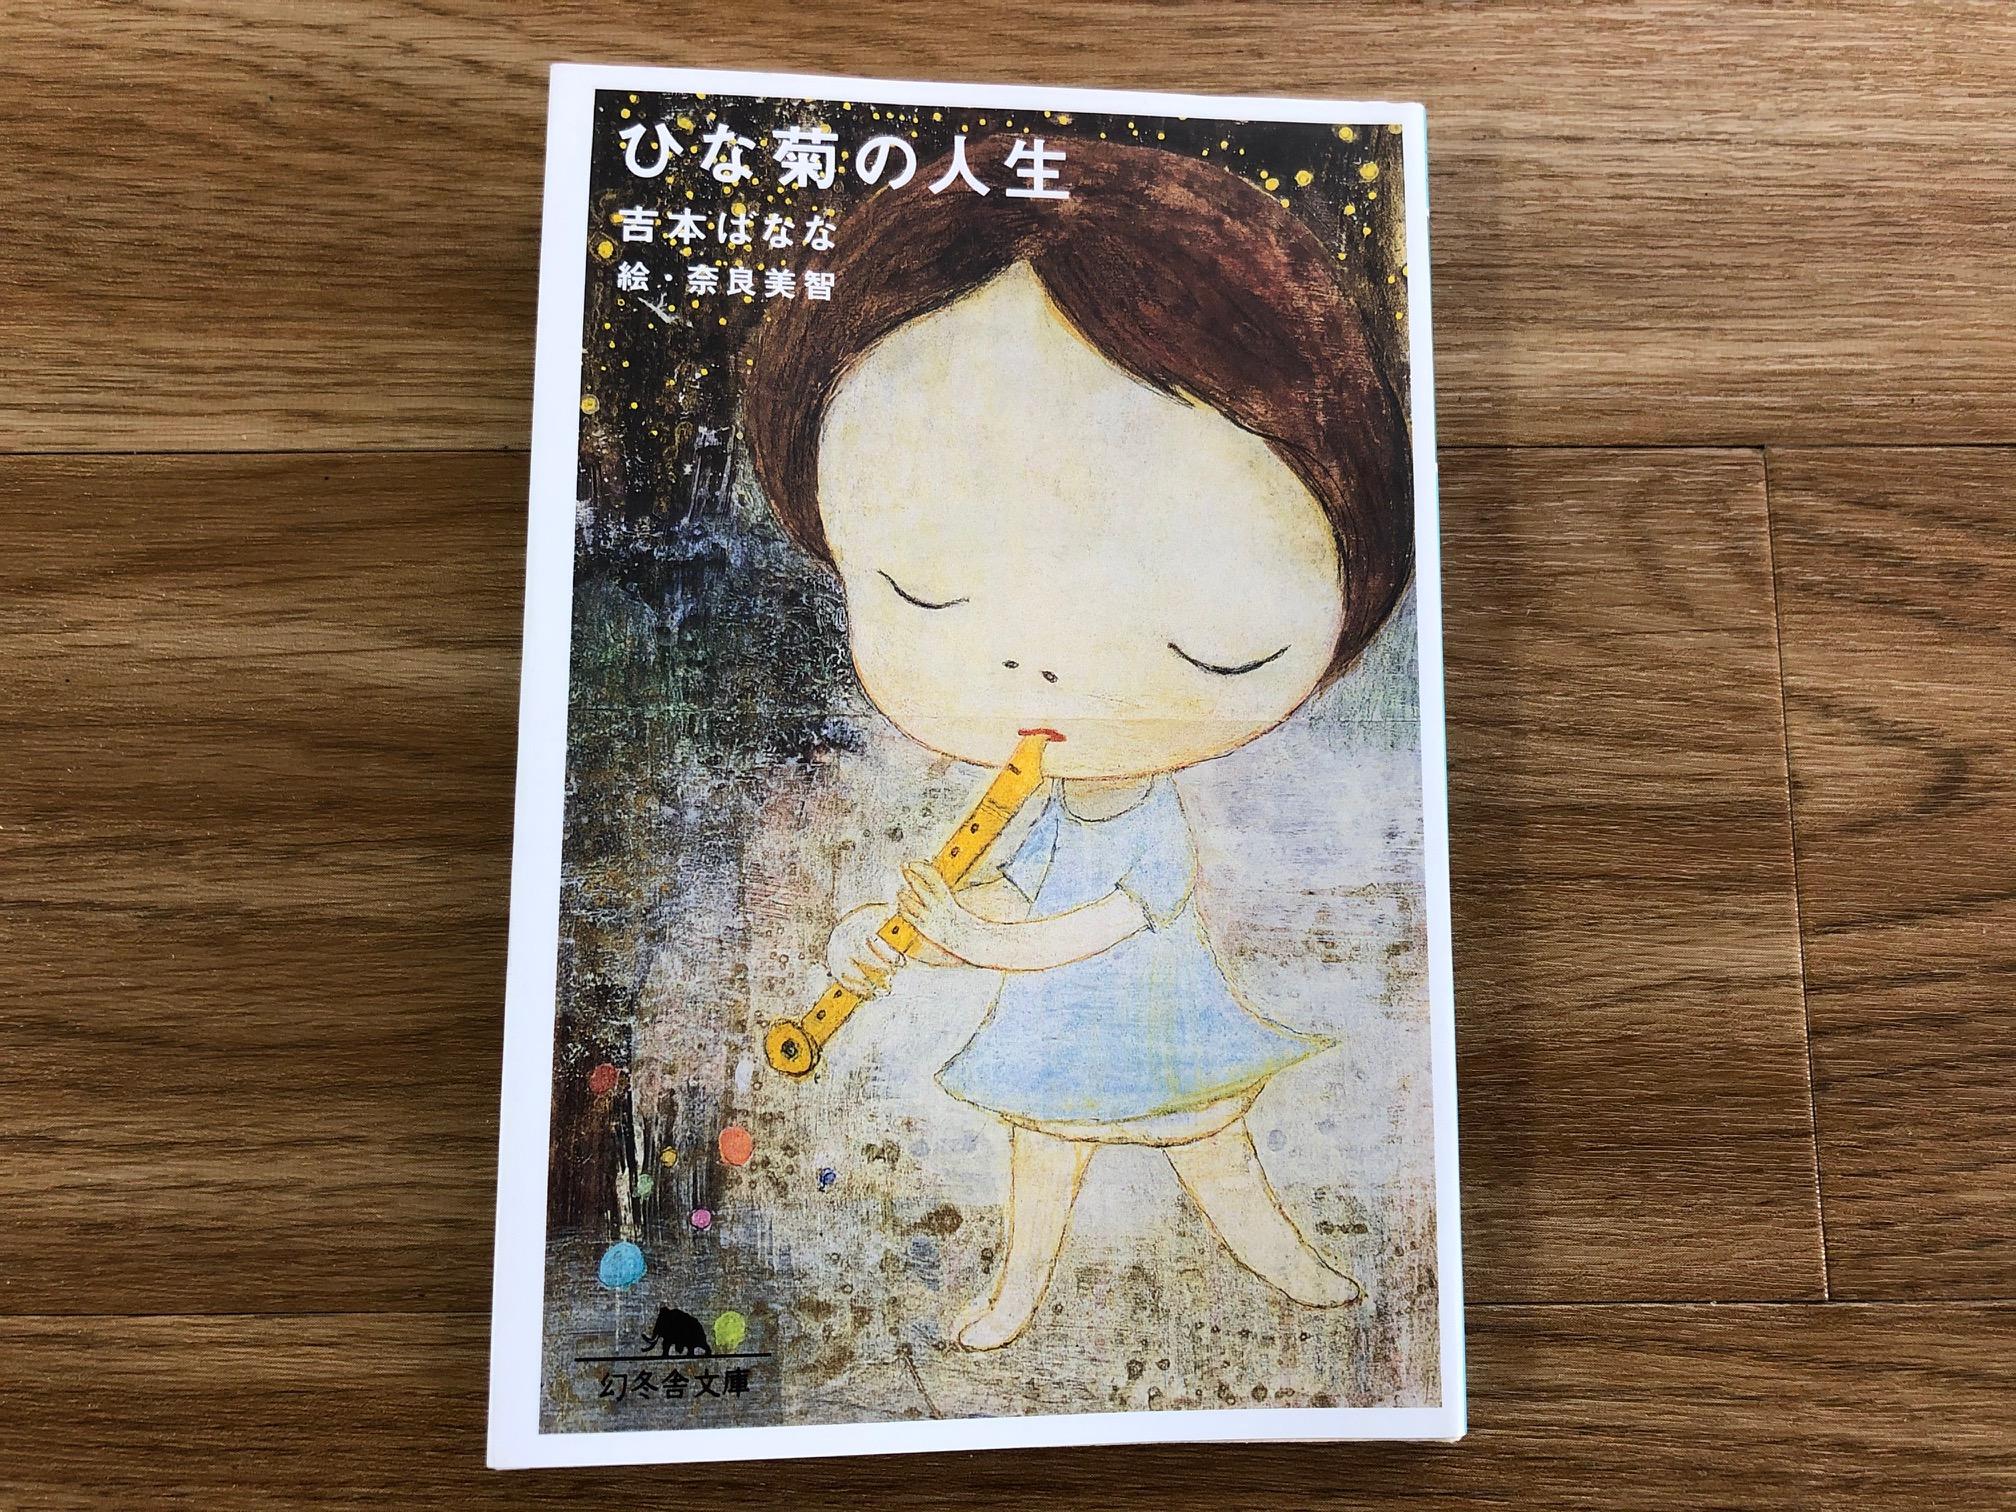 吉本ばなな 奈良美智 小説